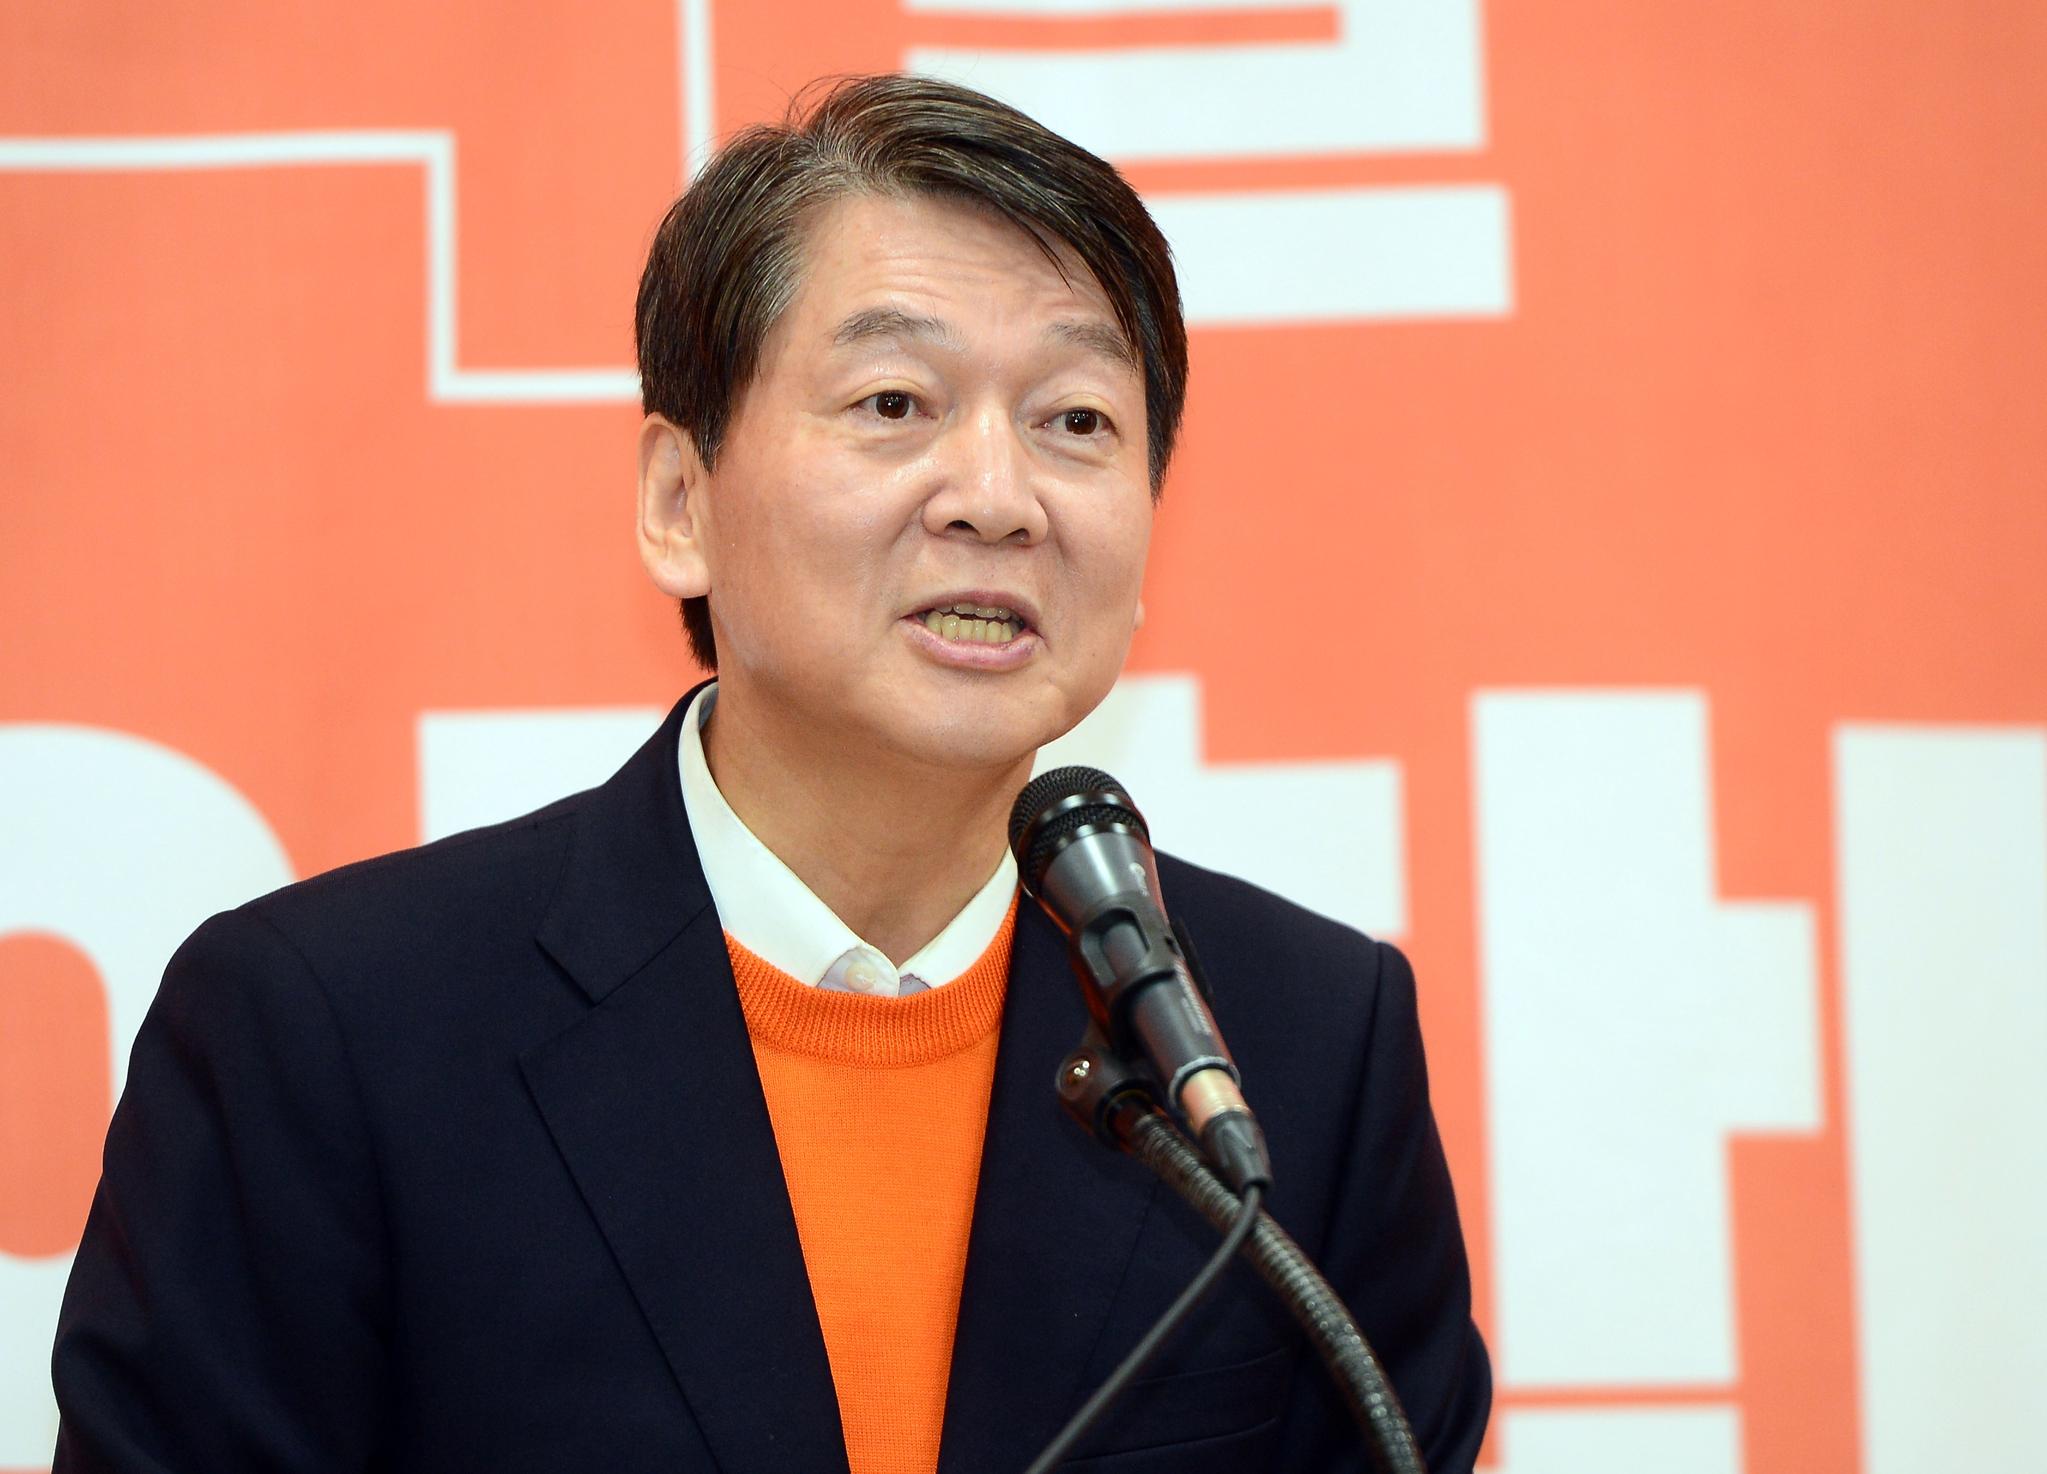 안철수 국민의당 창당준비위원장이 16일 광주 김대중컨벤션센터에서 열린 '국민의당 광주시당 창당 대회'에 참석해 축사를 하고 있다. [뉴스1]